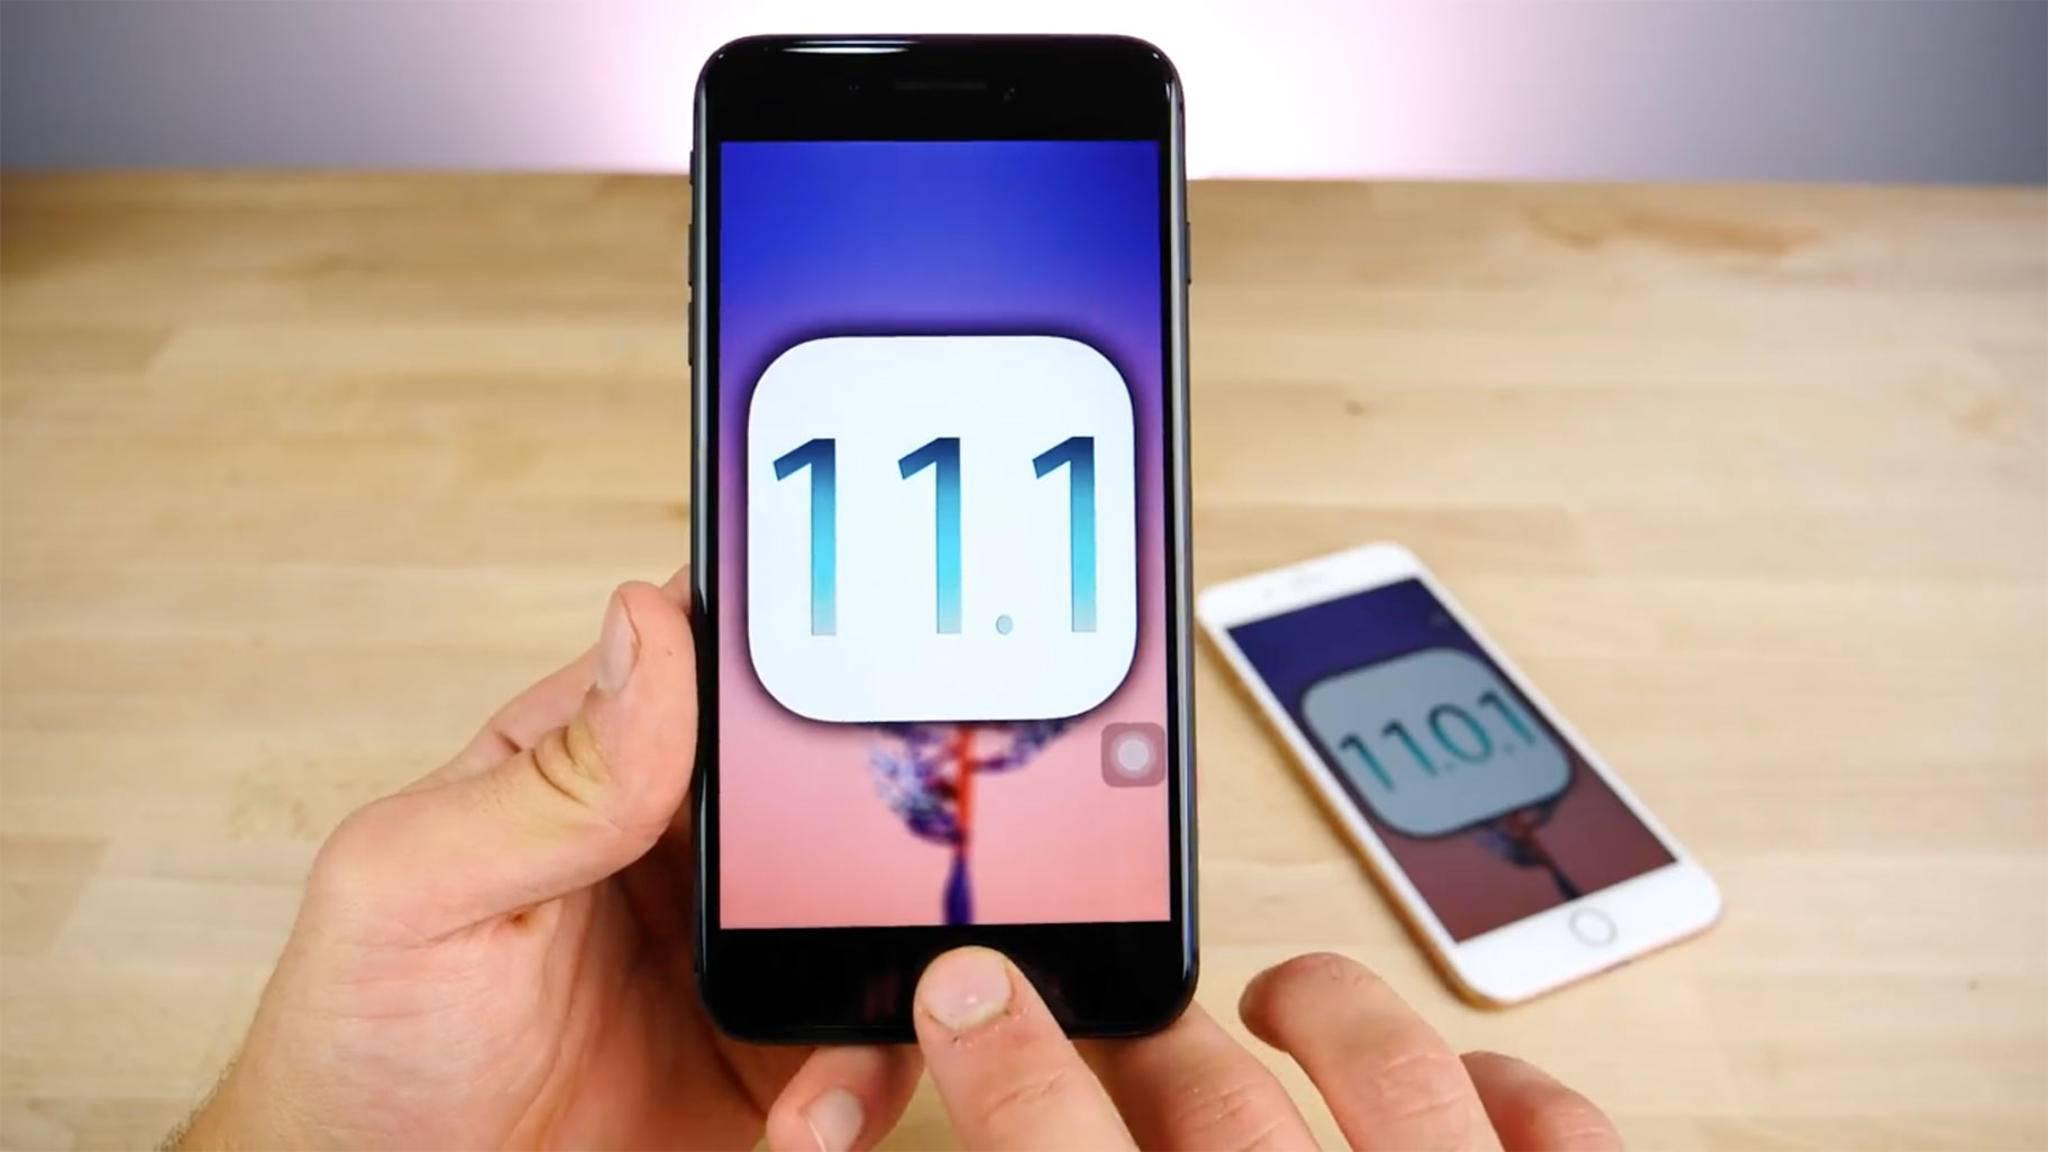 Die erste Entwickler-Beta von iOS 11.1 wurde bereits veröffentlicht.